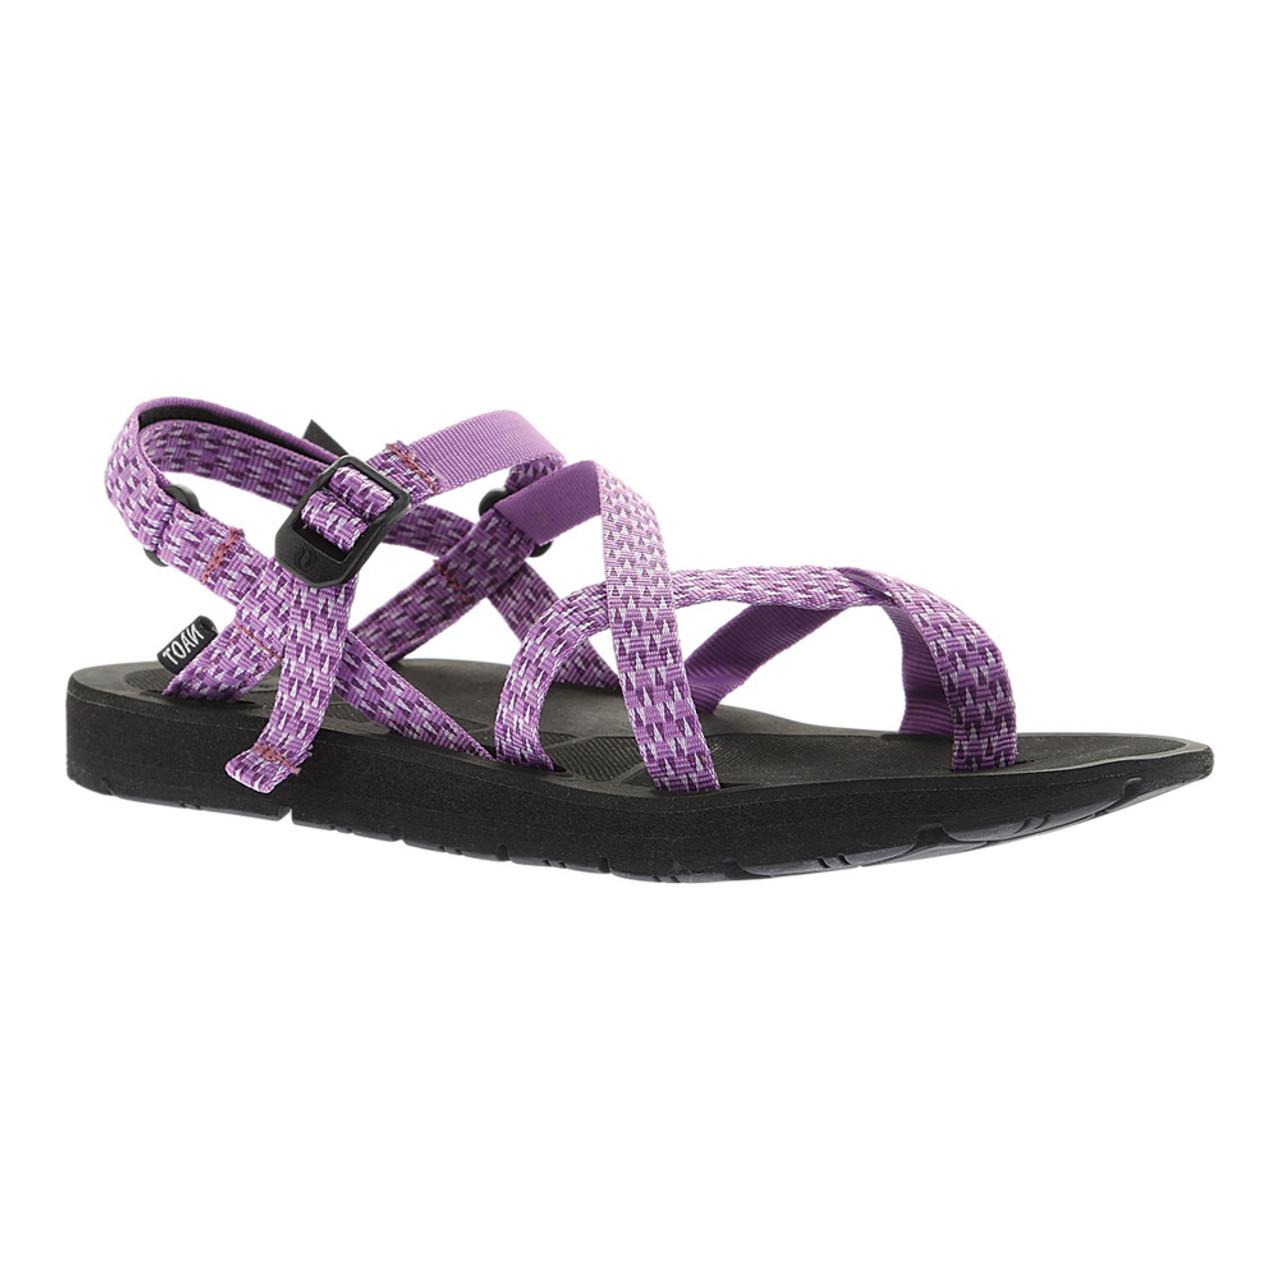 0af994c6fe73 Naot Women s Shore Sport Sandal Triangles Purple - Shop now   Shoolu.com